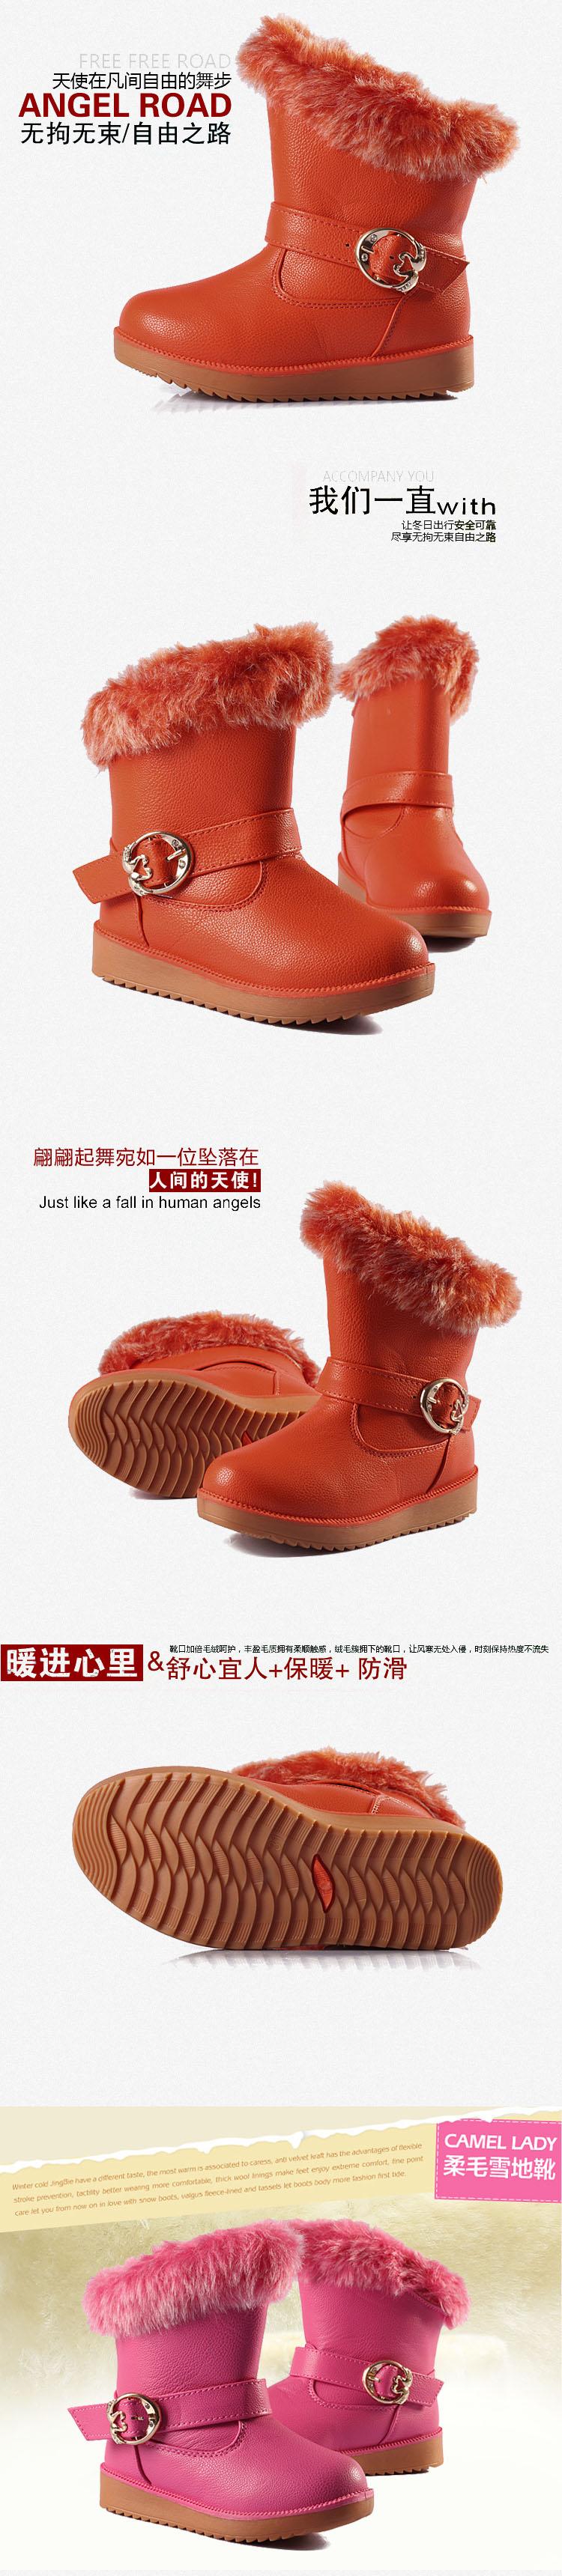 童鞋女童雪地靴 2014春季新款女孩靴子儿童保暖